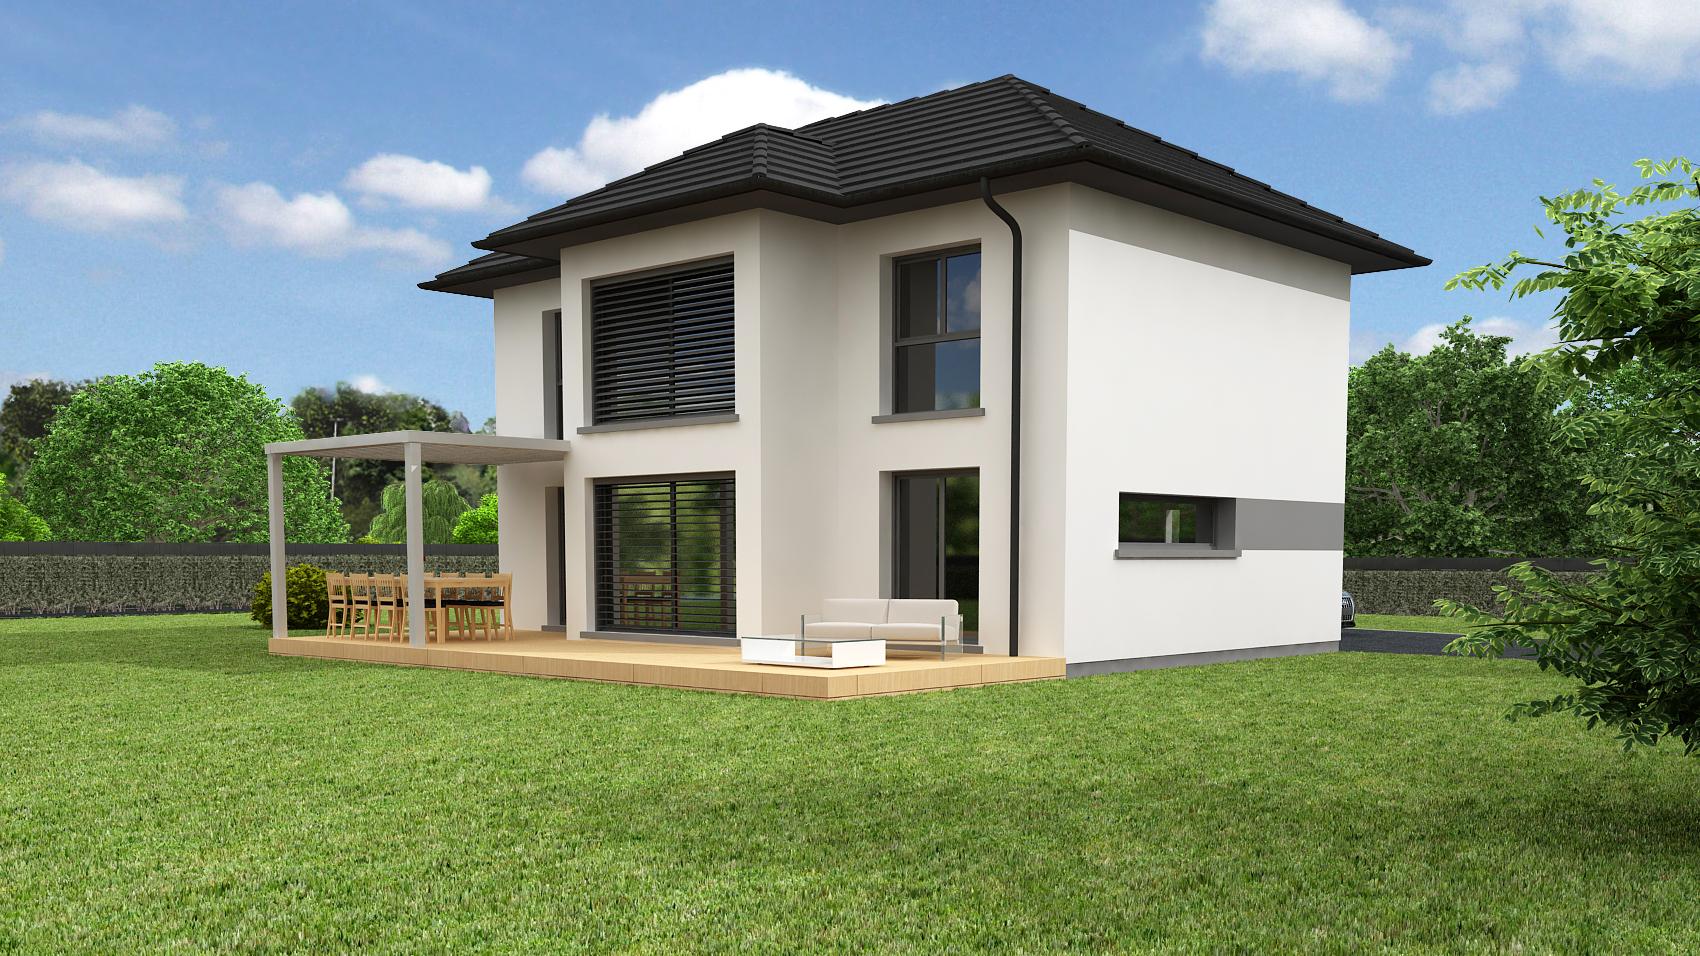 Terrains du constructeur CREAGES • 619 m² • HAGENTHAL LE HAUT